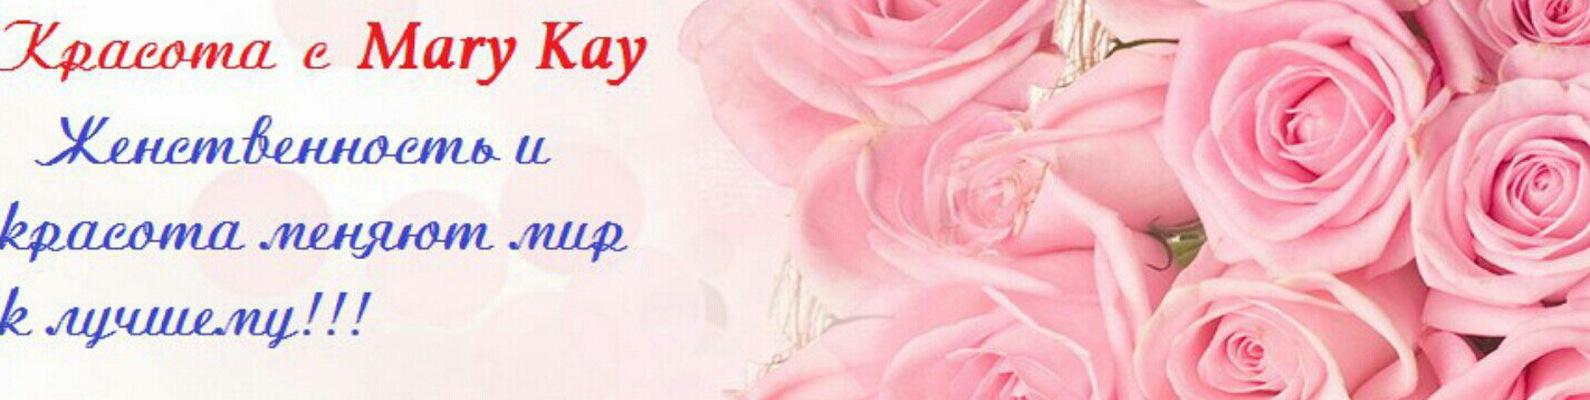 Счастливого нового, открытка мэри кэй